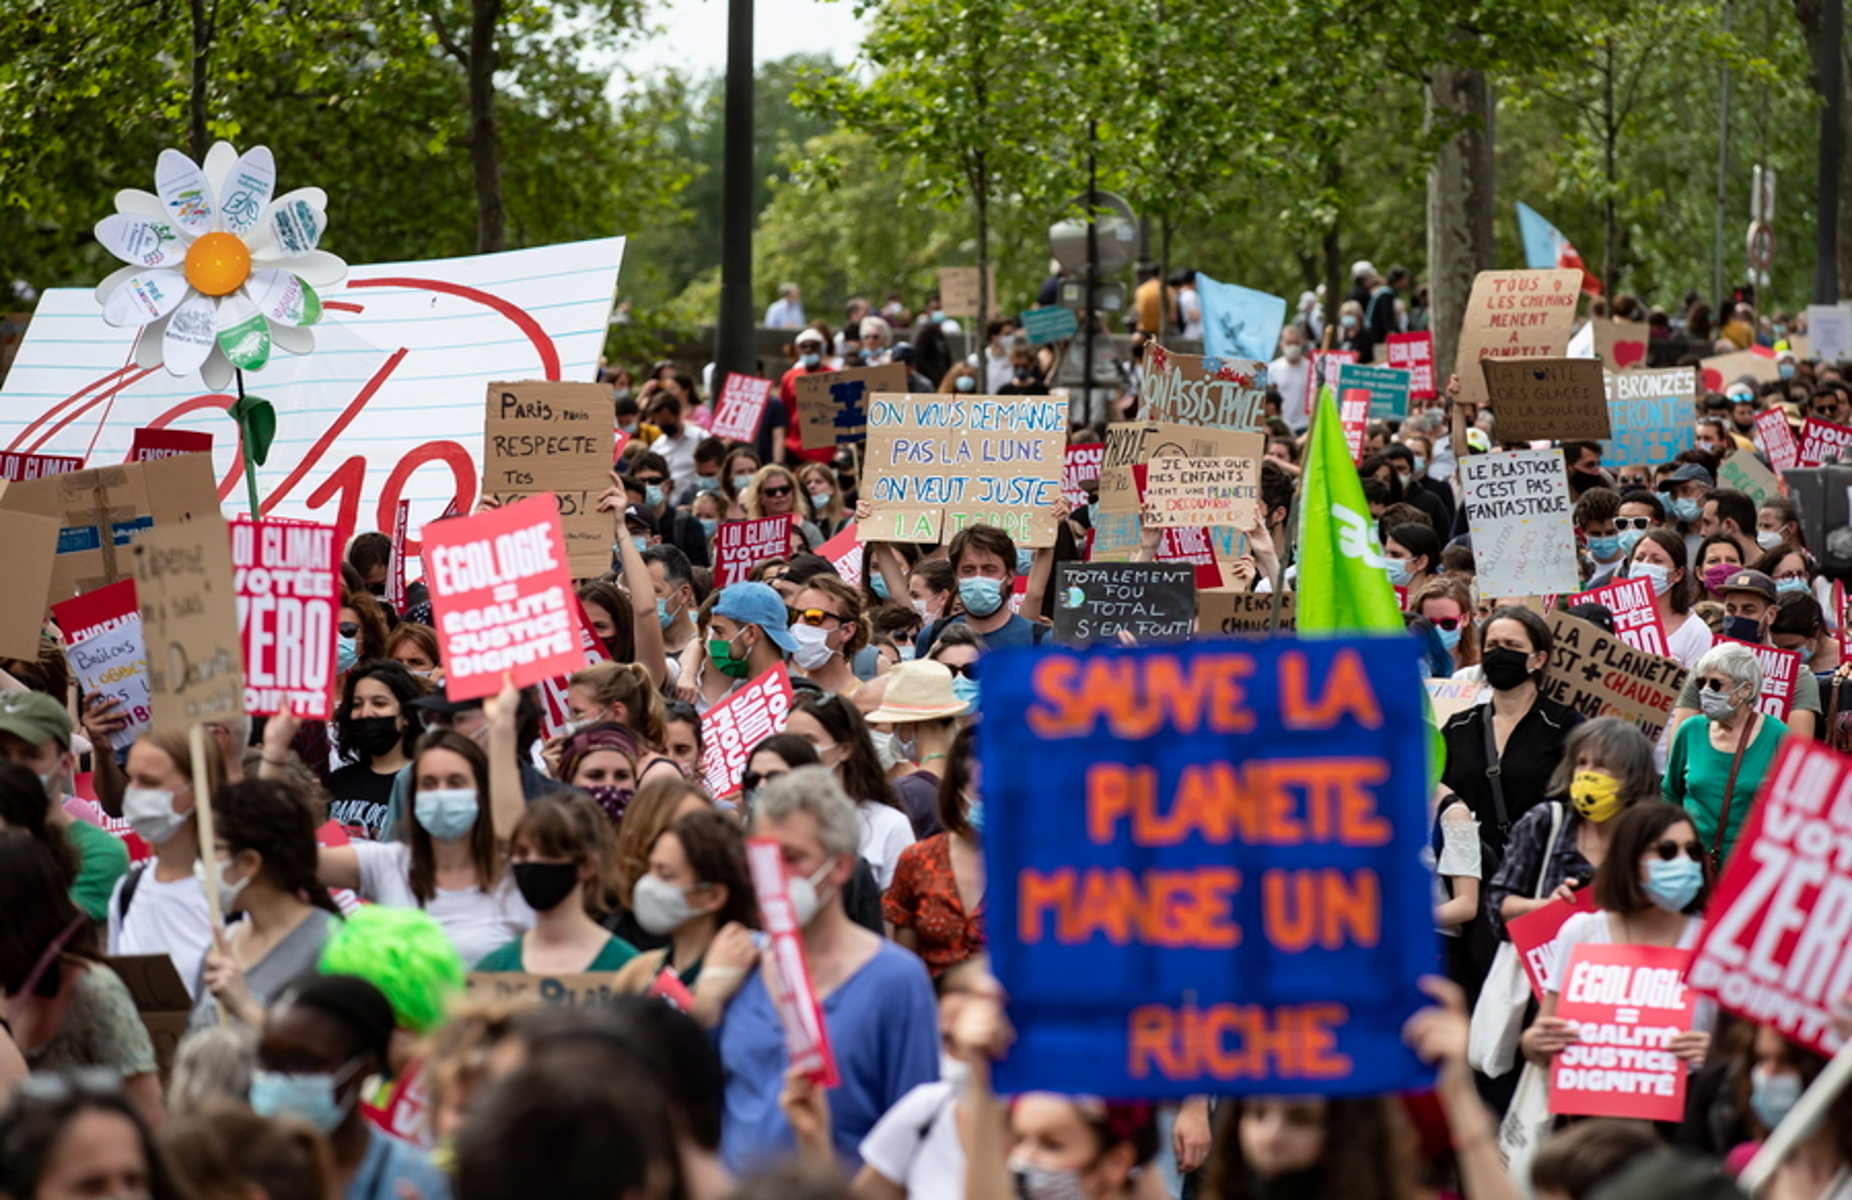 Παρίσι: Χιλιάδες διαδηλωτές ζήτησαν  από τον Μακρόν έναν πιο φιλόδοξο νόμο για το κλίμα